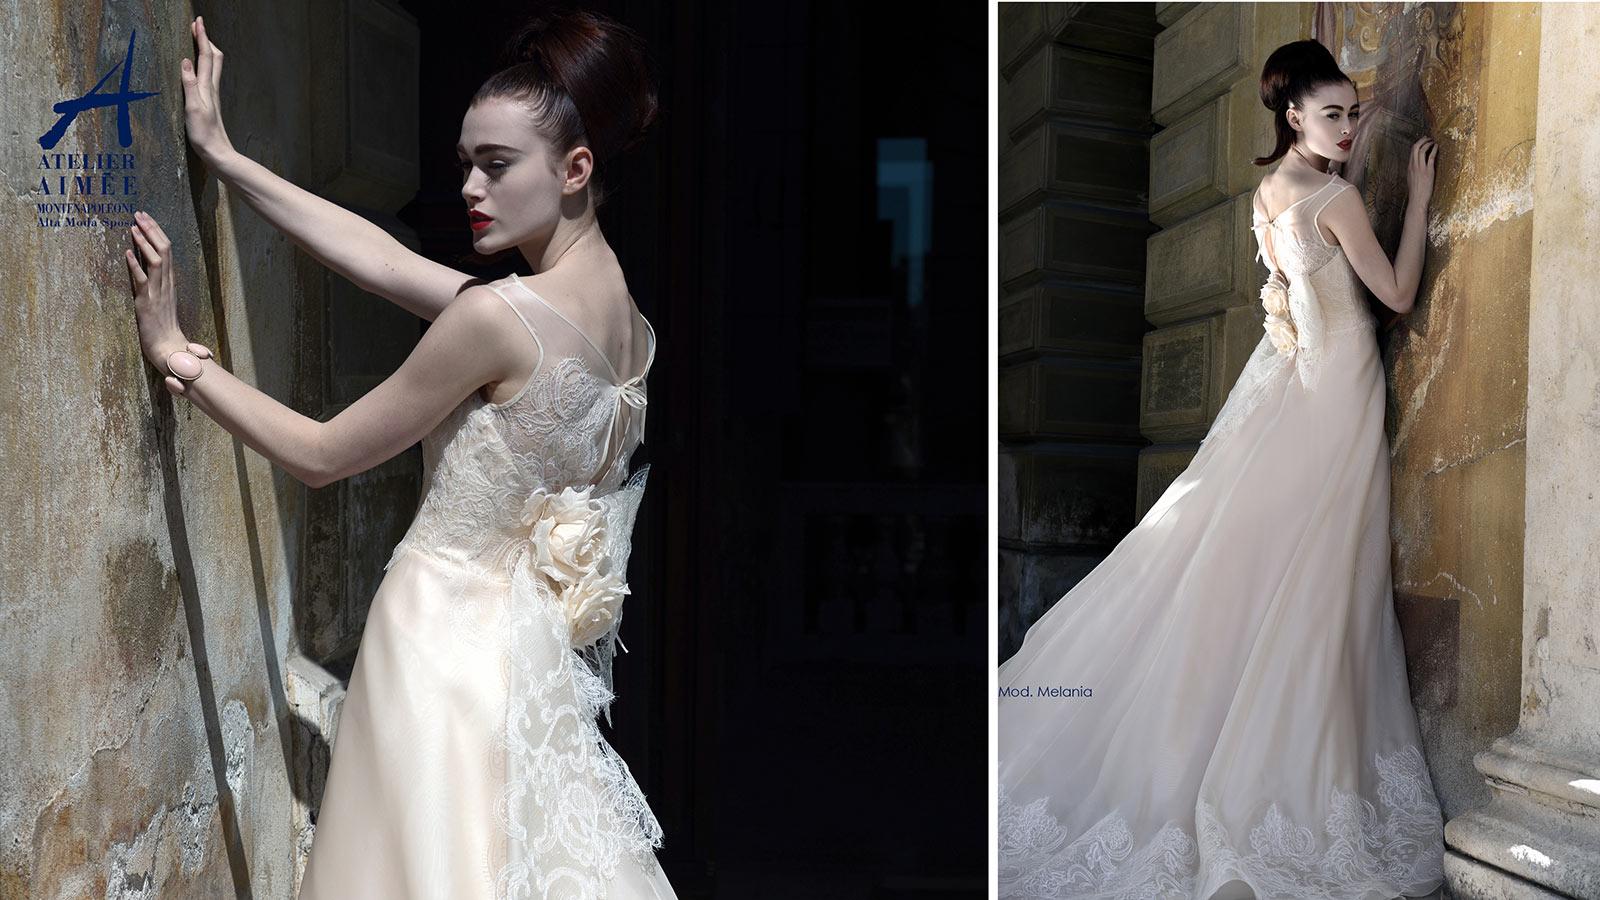 Atelier Aimee collezione 2015 abiti sposa (21)  60292f6137a